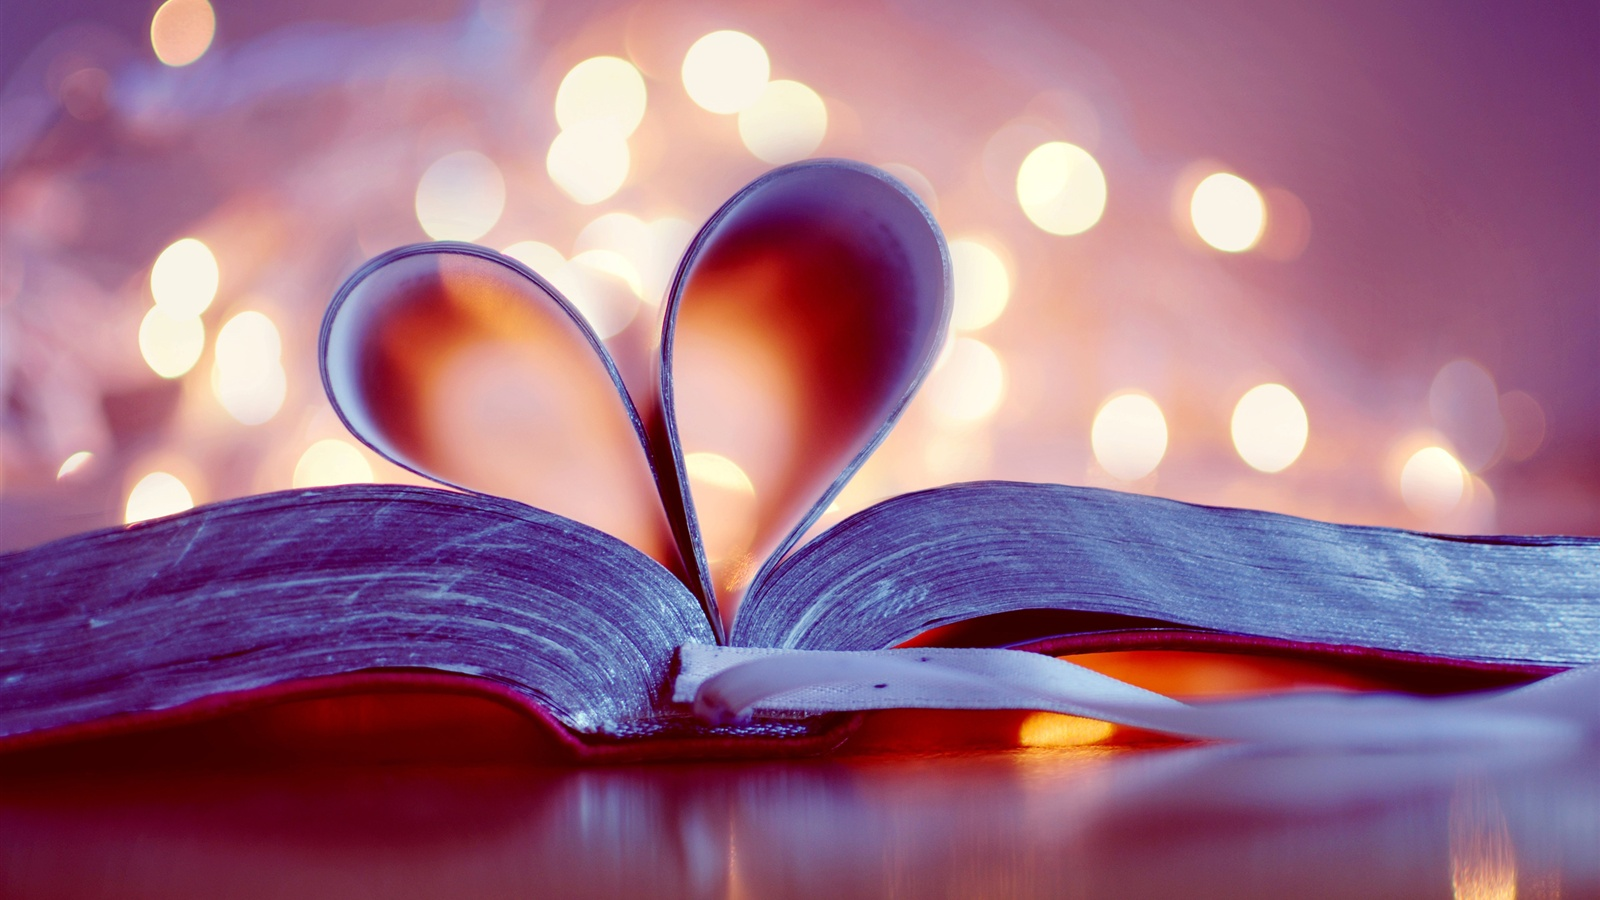 Buch Verschwommen Lesezeichen Liebe Herz Hintergrund 2560x1600